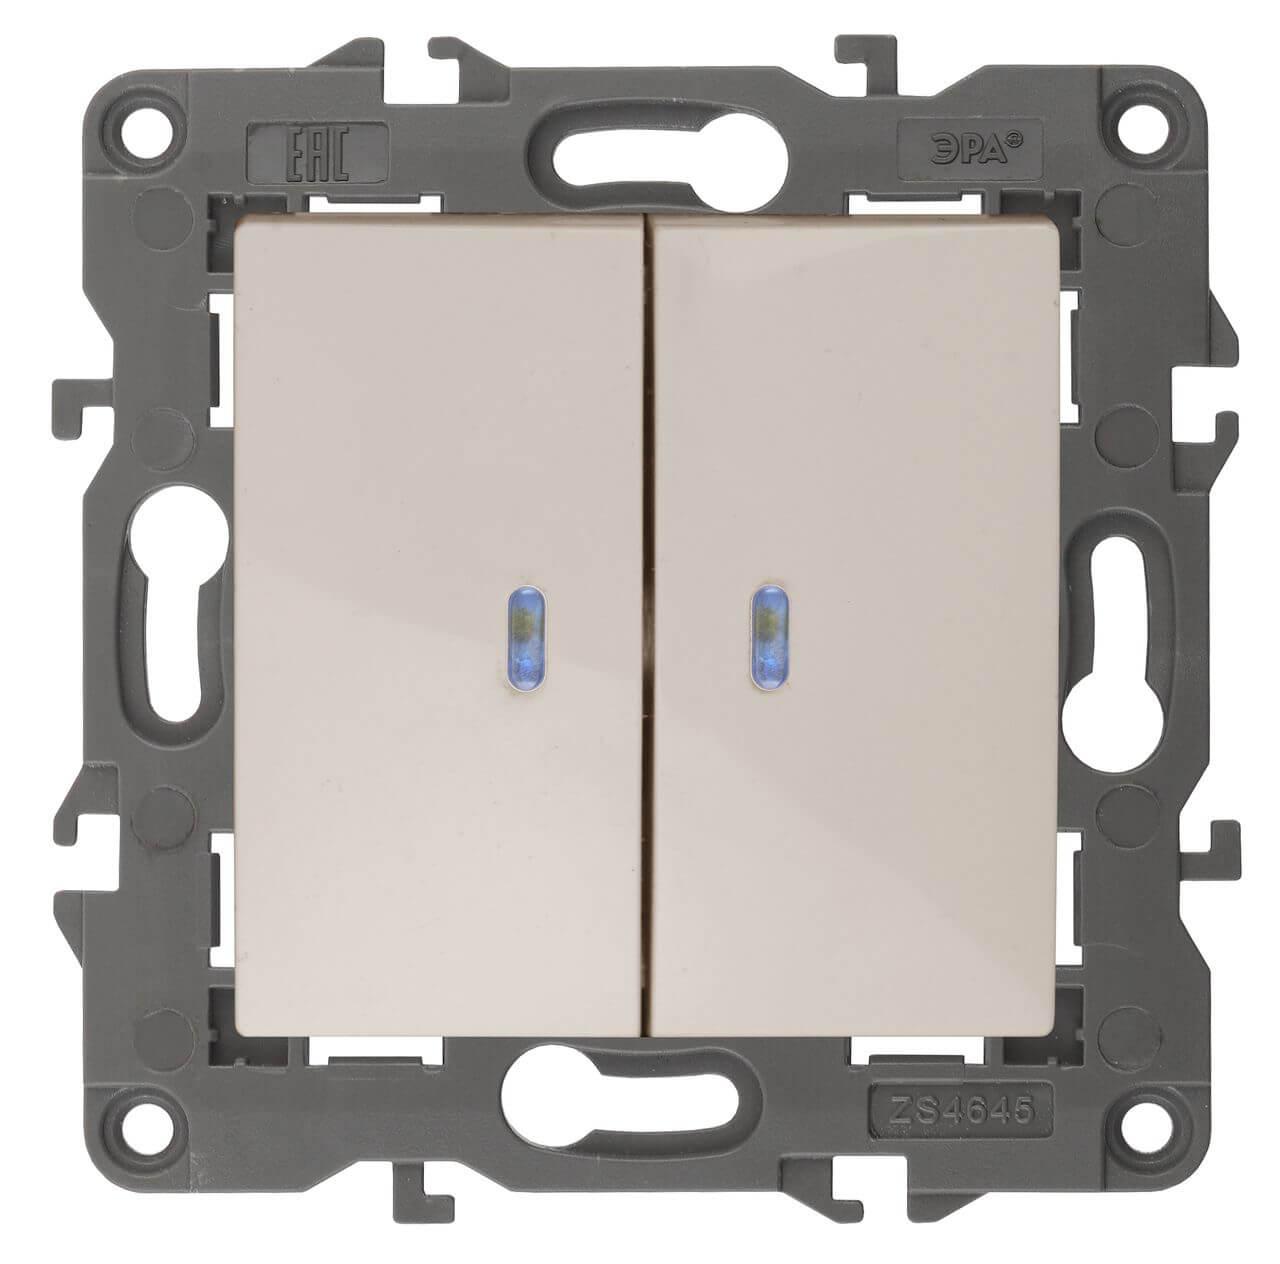 Выключатель двухклавишный с подсветкой ЭРА Elegance 10AX 250V 14-1105-02 цены